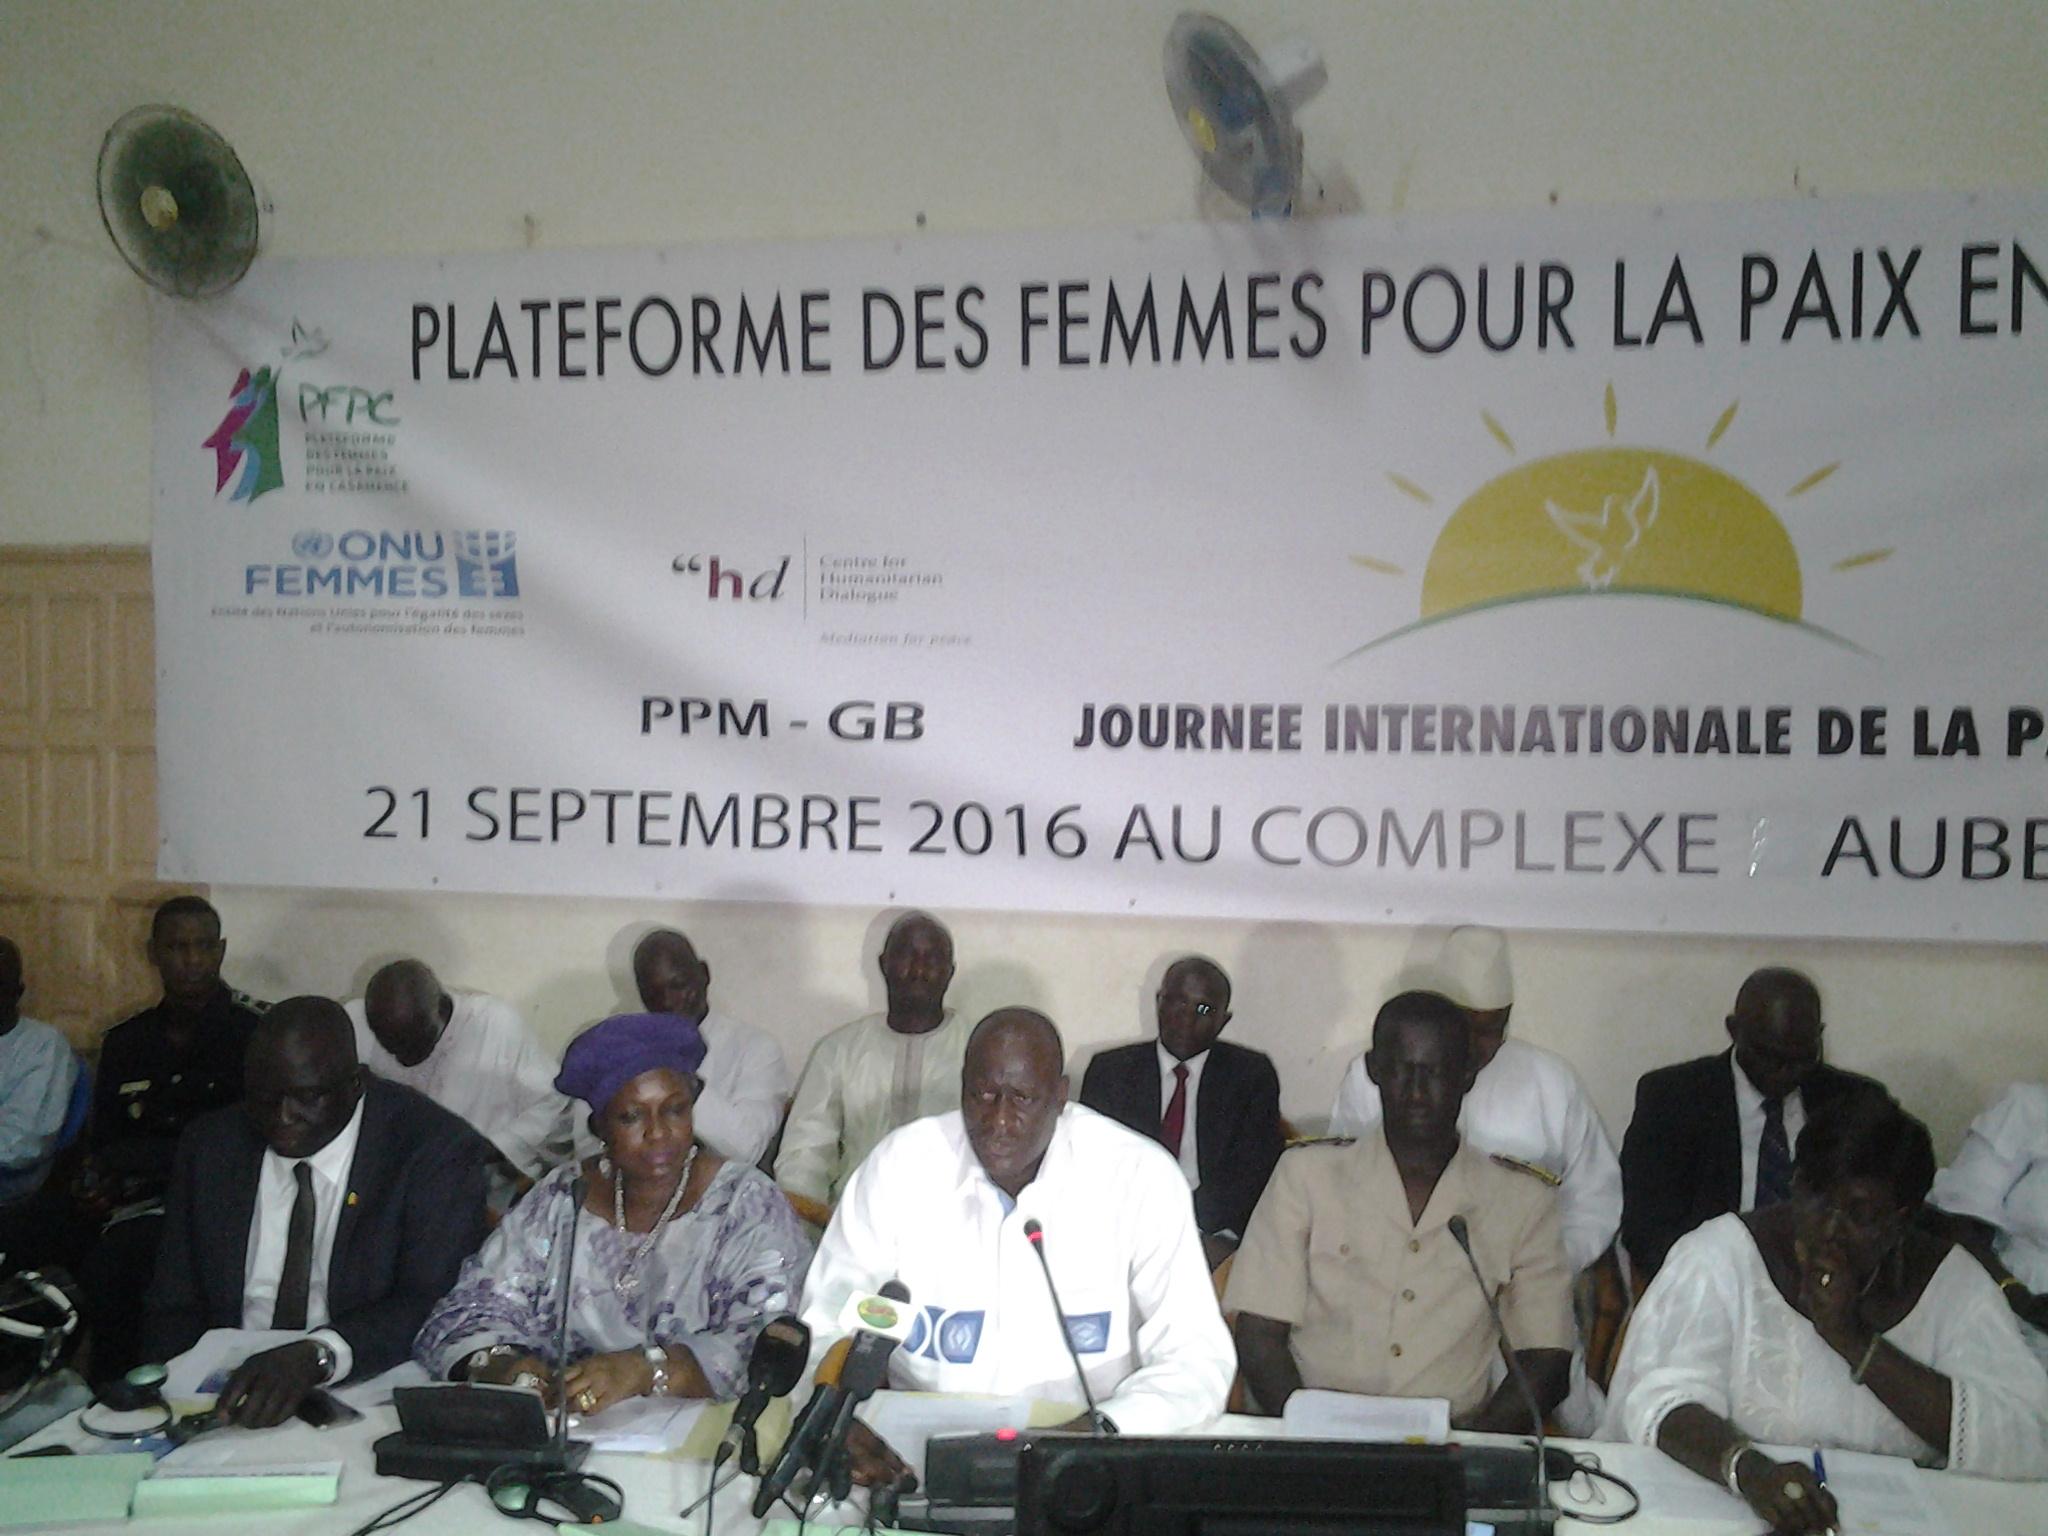 Journée de la paix : Les femmes de la plateforme pour la paix en Casamance encouragées à continuer de planter dans les cœurs les graines de l'espoir